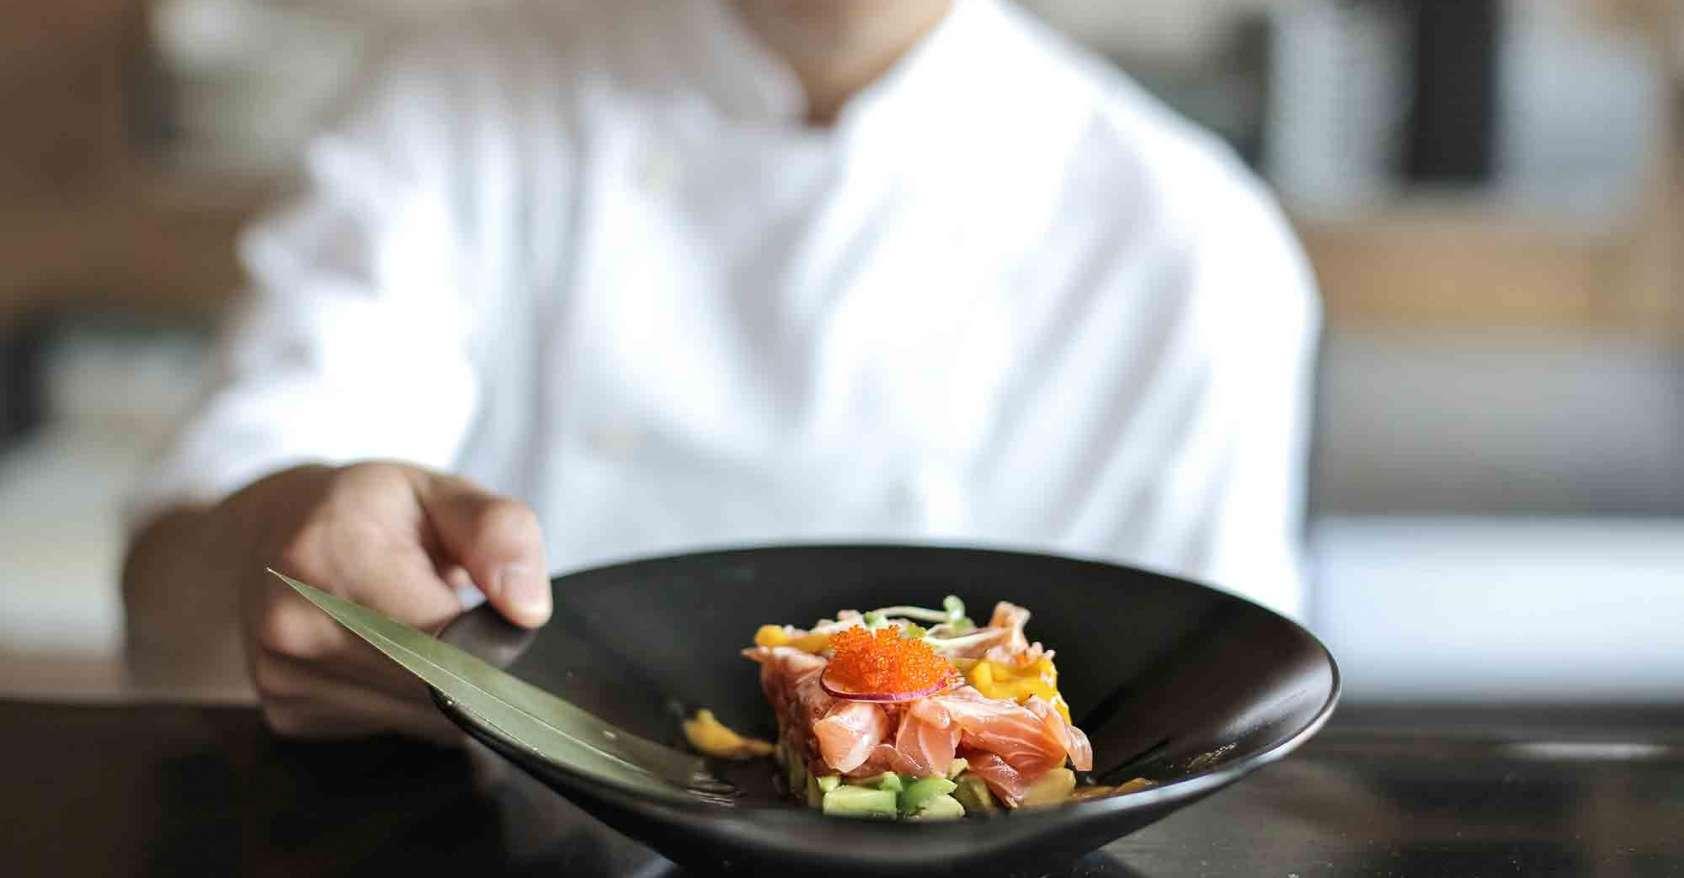 Chef showing plate with fish tartare coronavirus